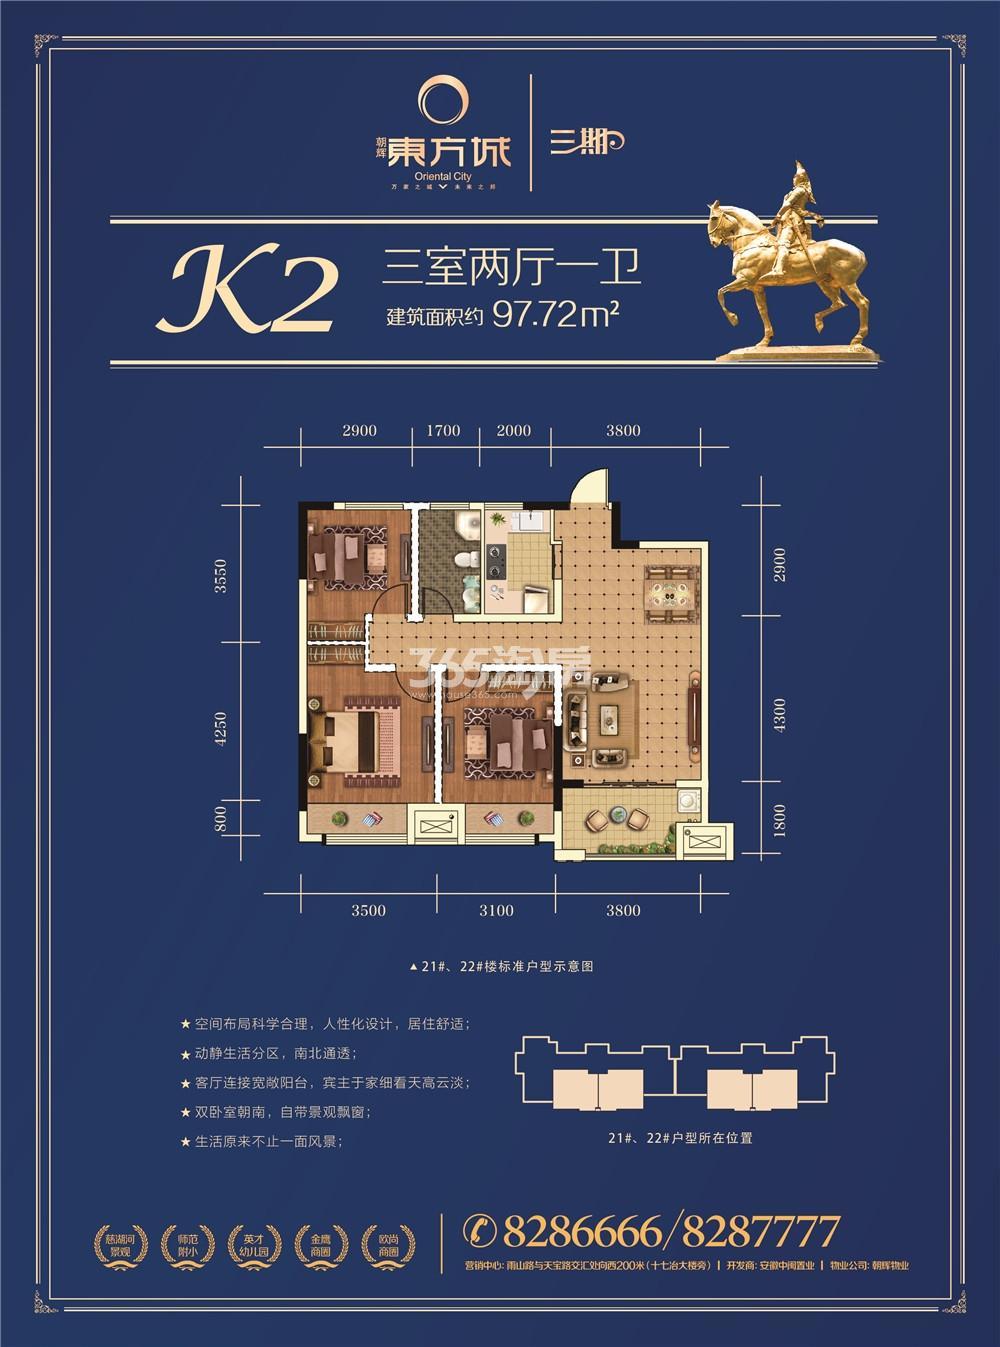 朝辉东方城三期K2户型图